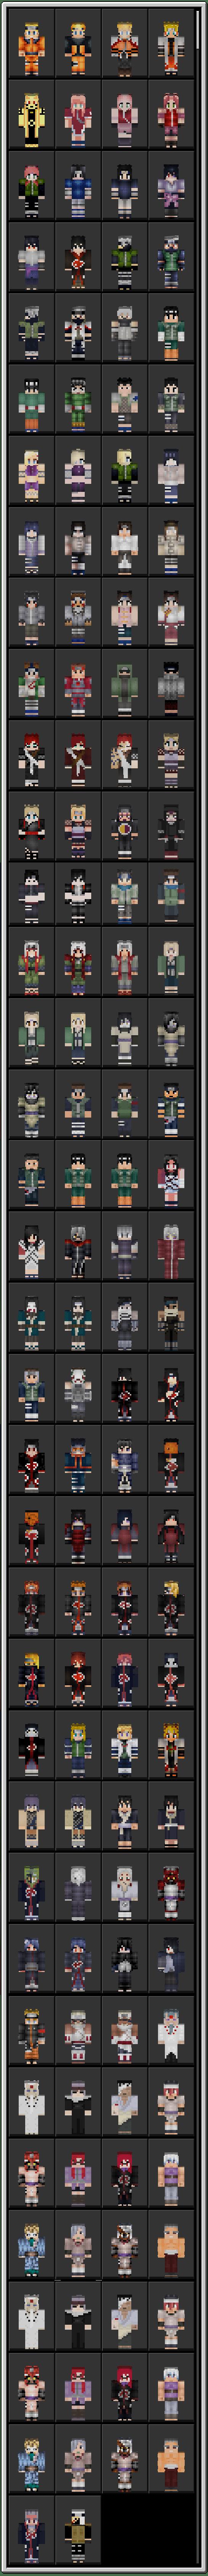 Naruto Skin Pack Minecraft Skin Packs